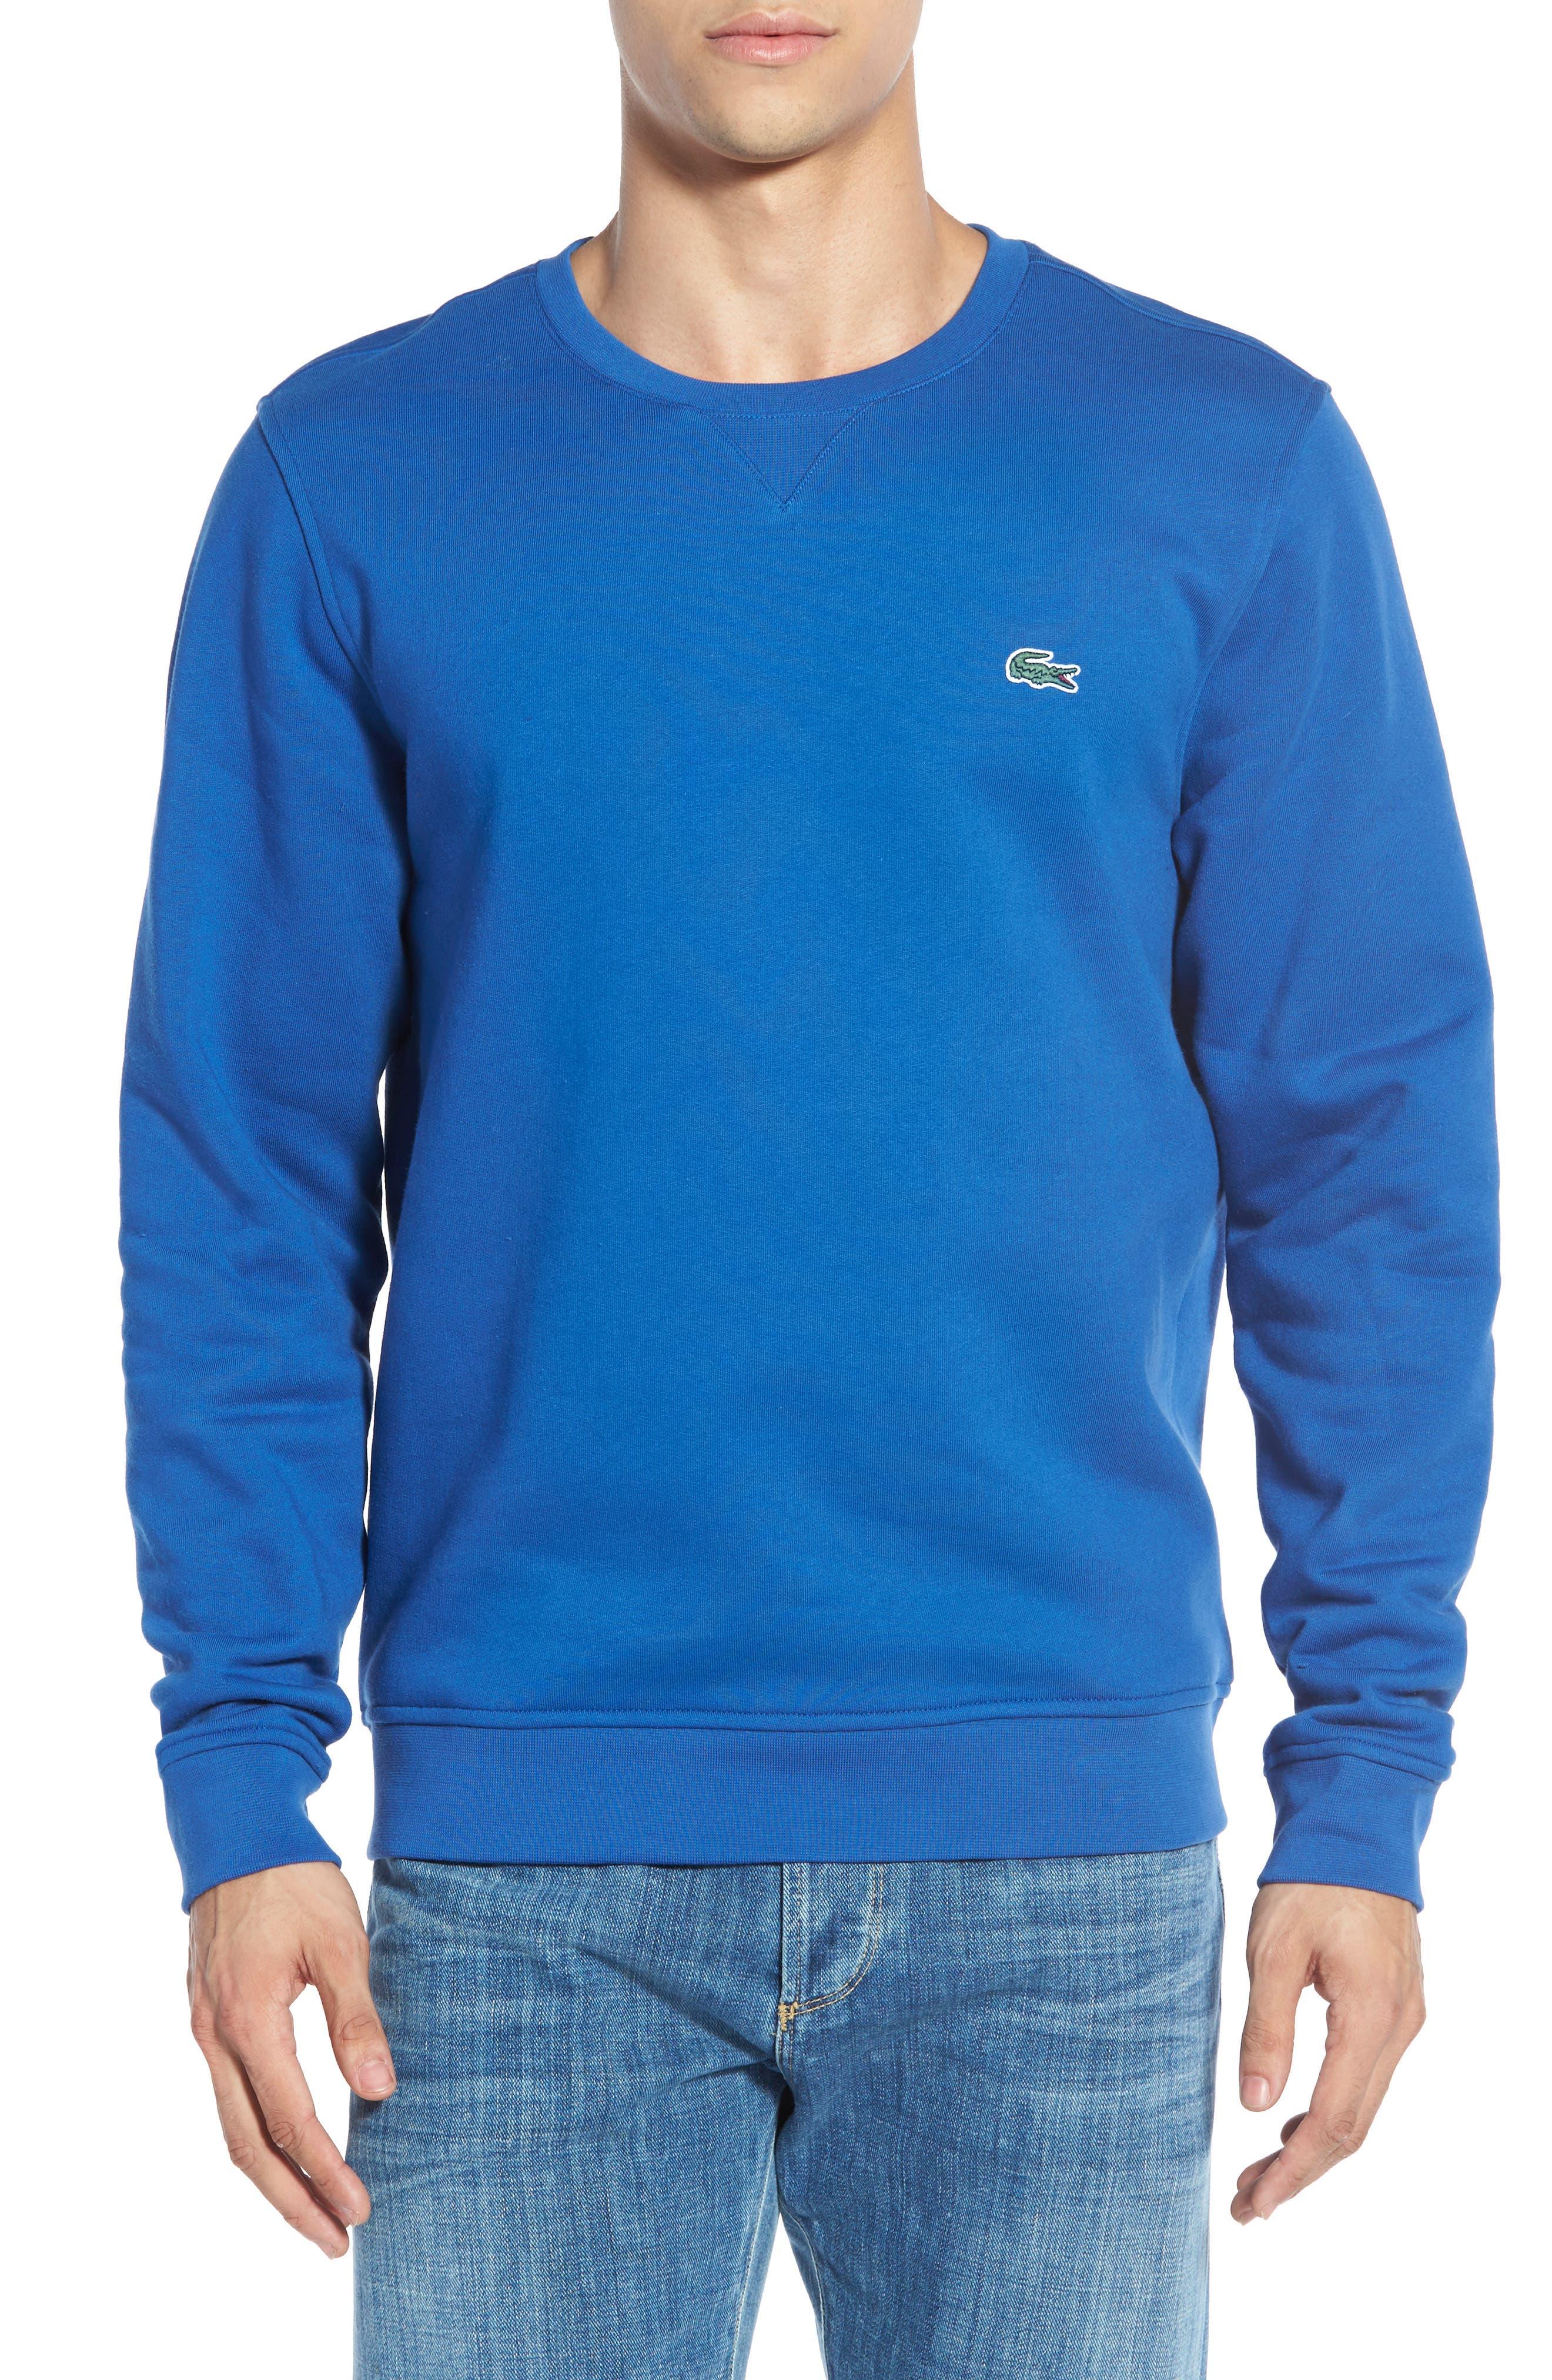 LACOSTE 'Sport' Crewneck Sweatshirt, Main, color, NAVY